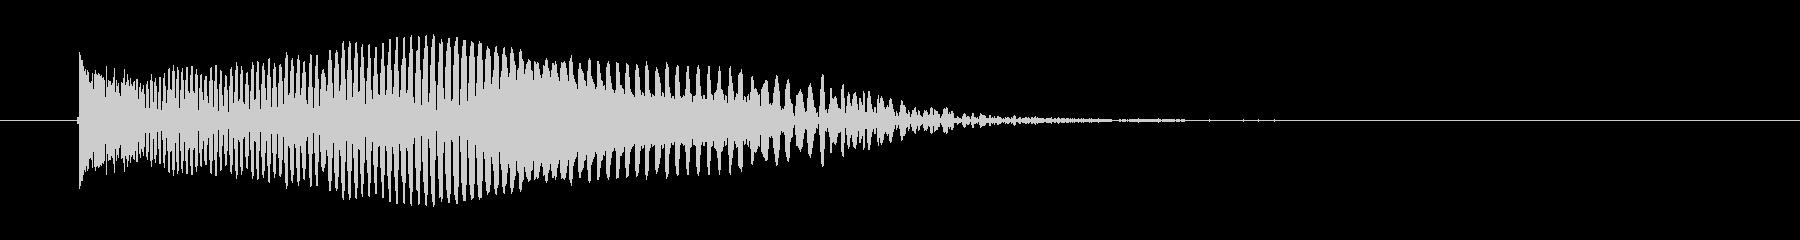 シューティング SFビーム発射音3の未再生の波形